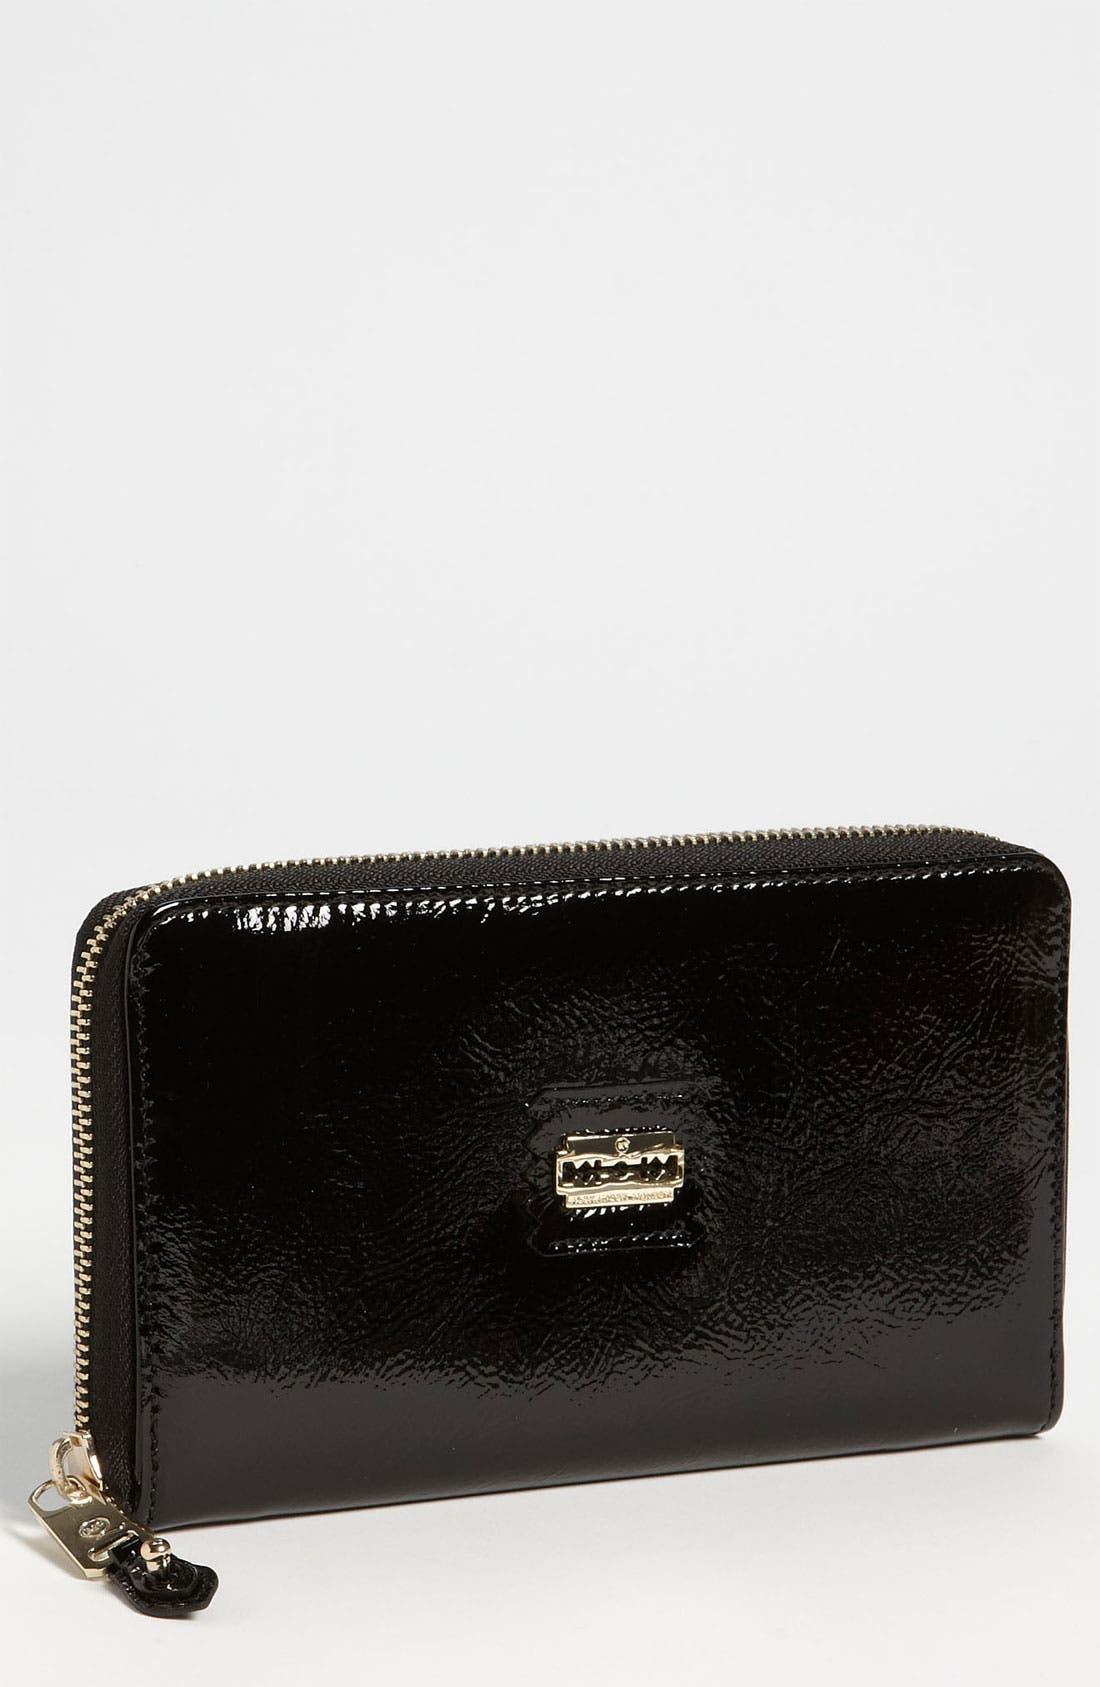 Main Image - McQ by Alexander McQueen 'East West' Zip Around Wallet